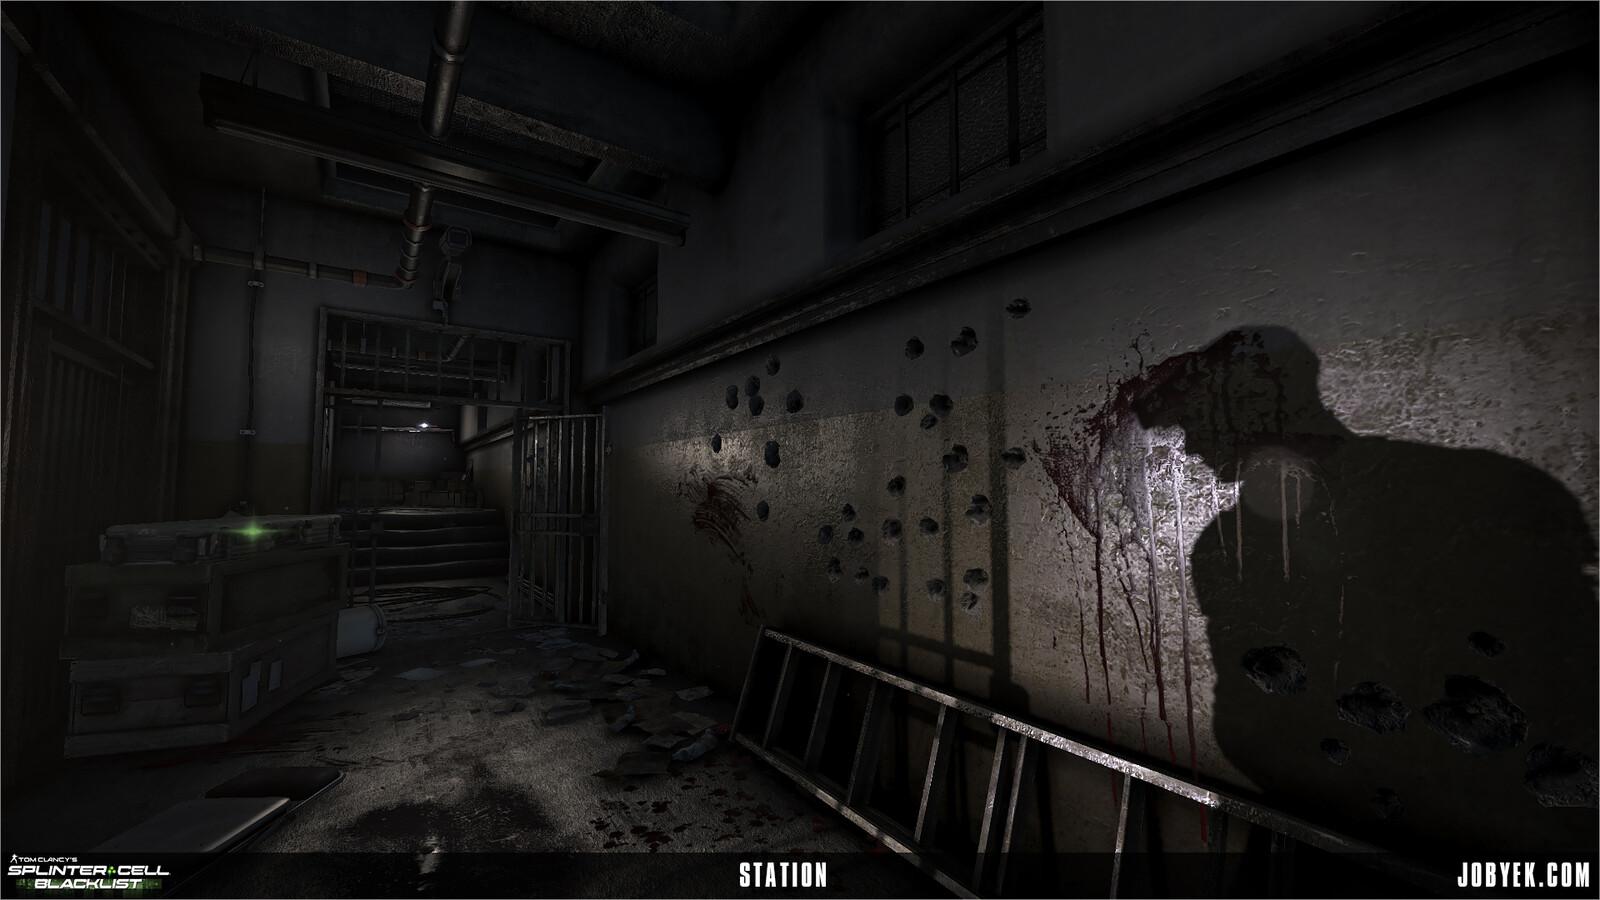 Station sub-level